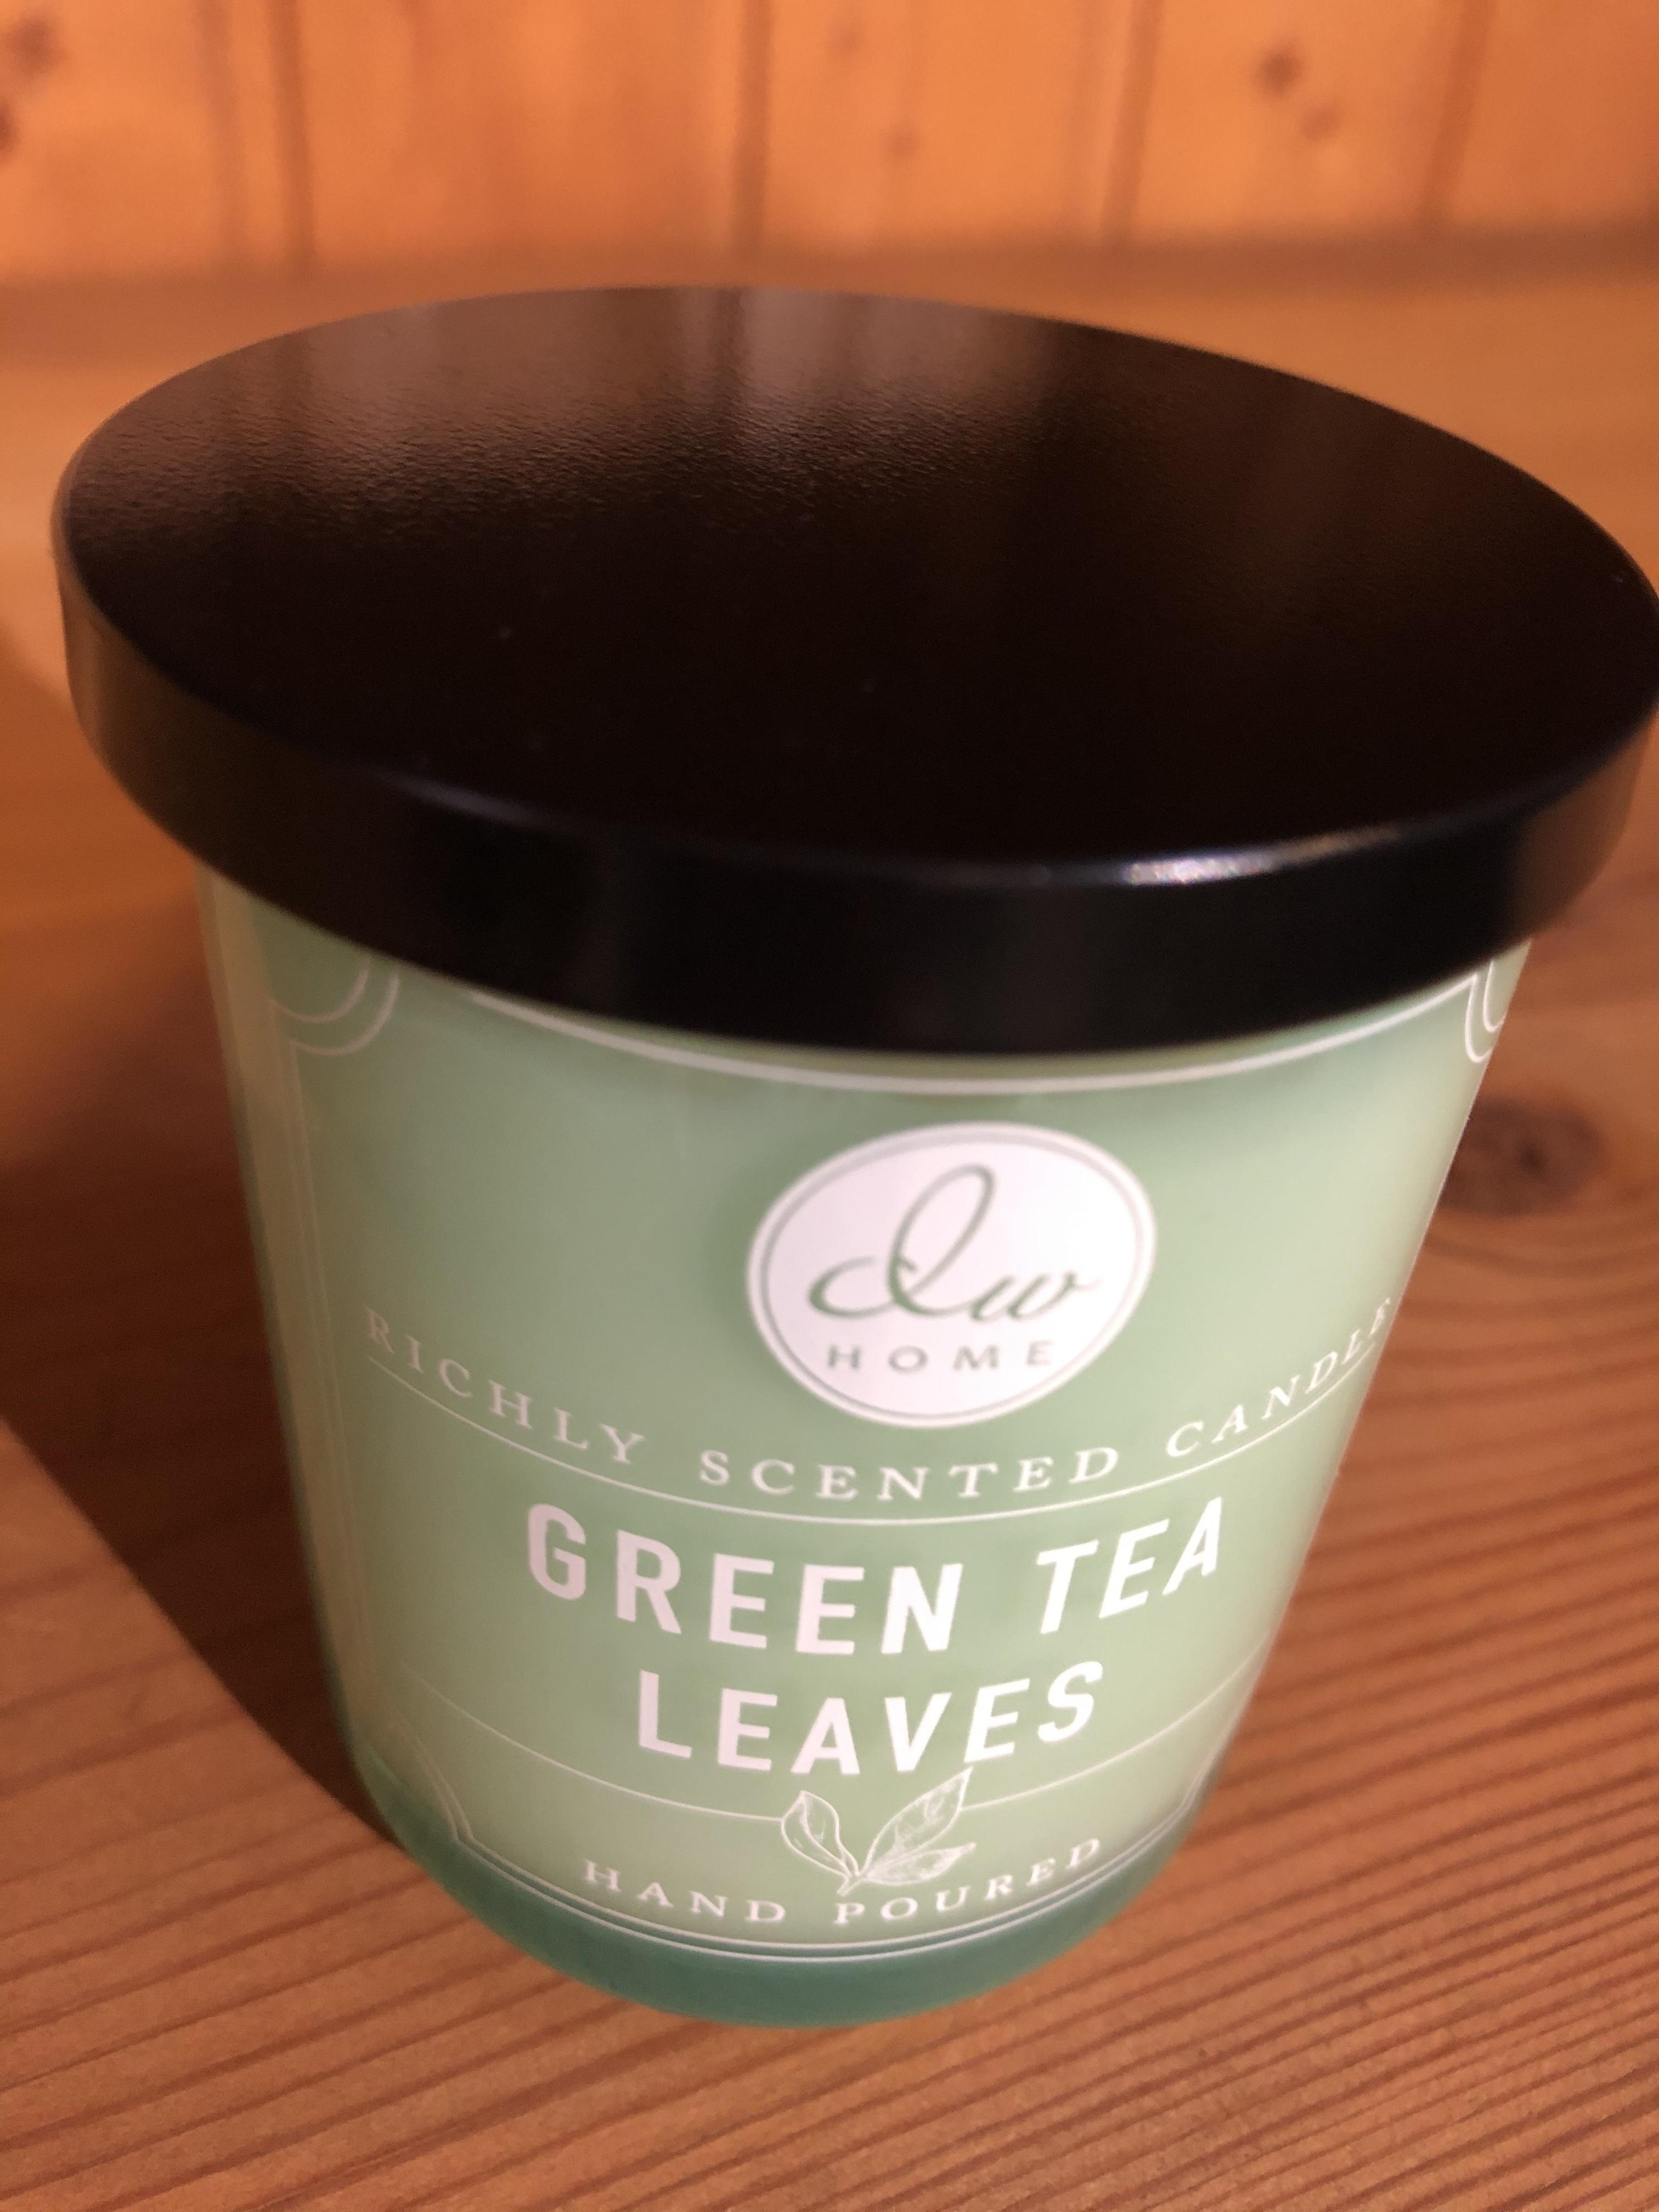 DW キャンドル 緑茶の香りは涼感満点なアロマキャンドル